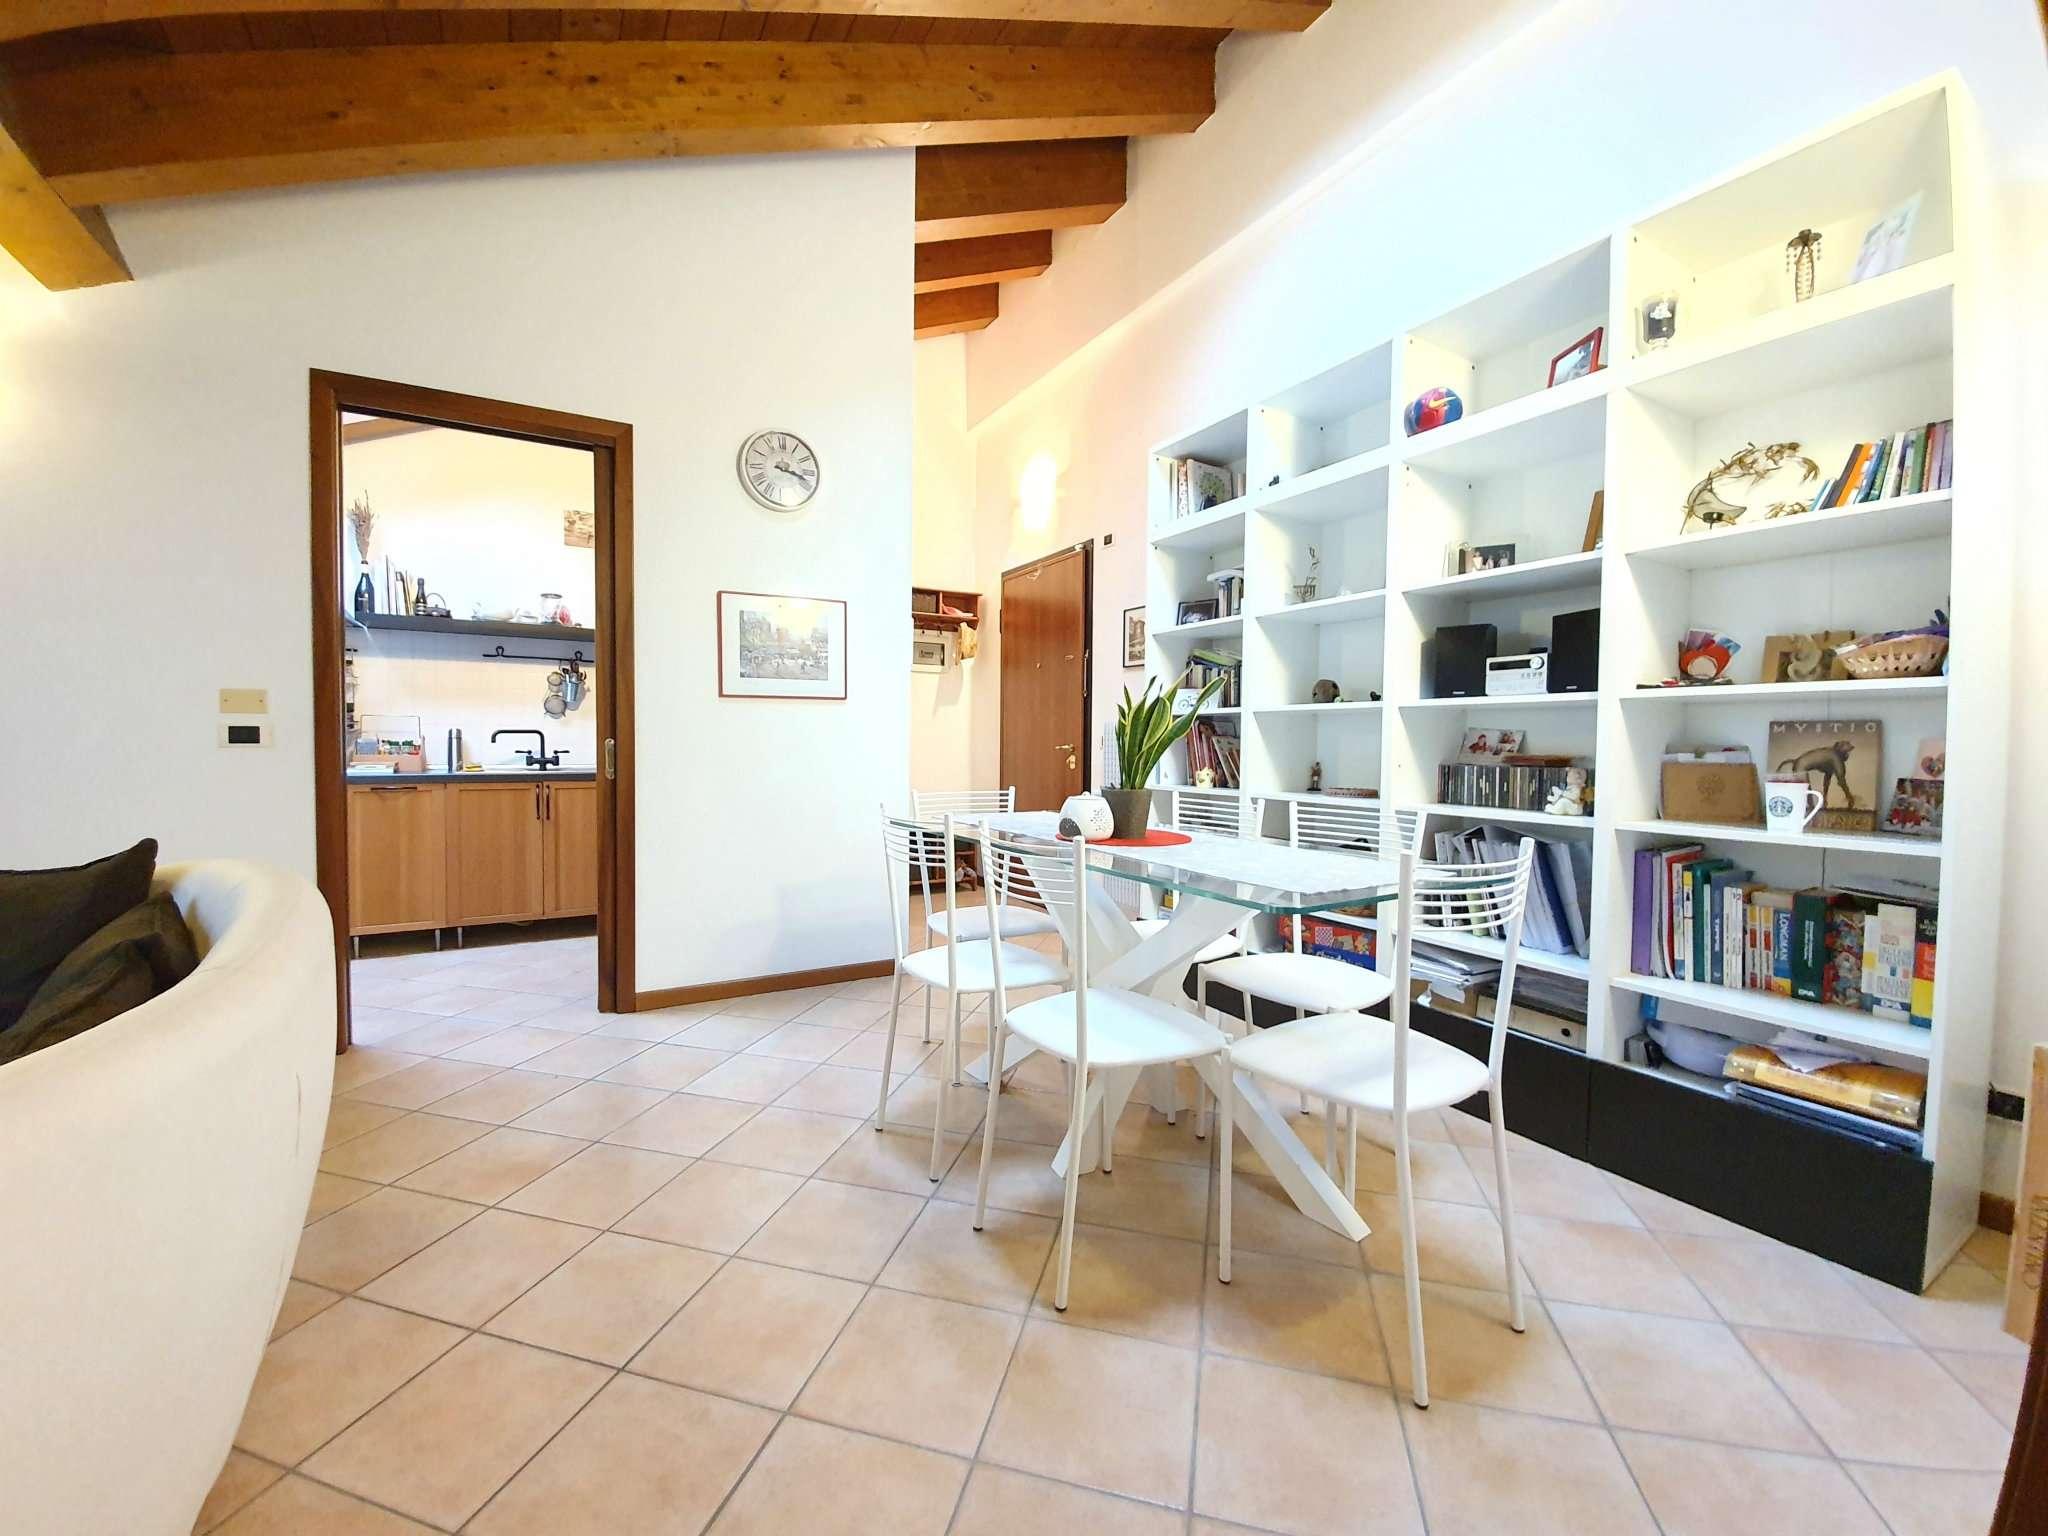 Attico / Mansarda in vendita a Oderzo, 3 locali, prezzo € 125.000 | PortaleAgenzieImmobiliari.it